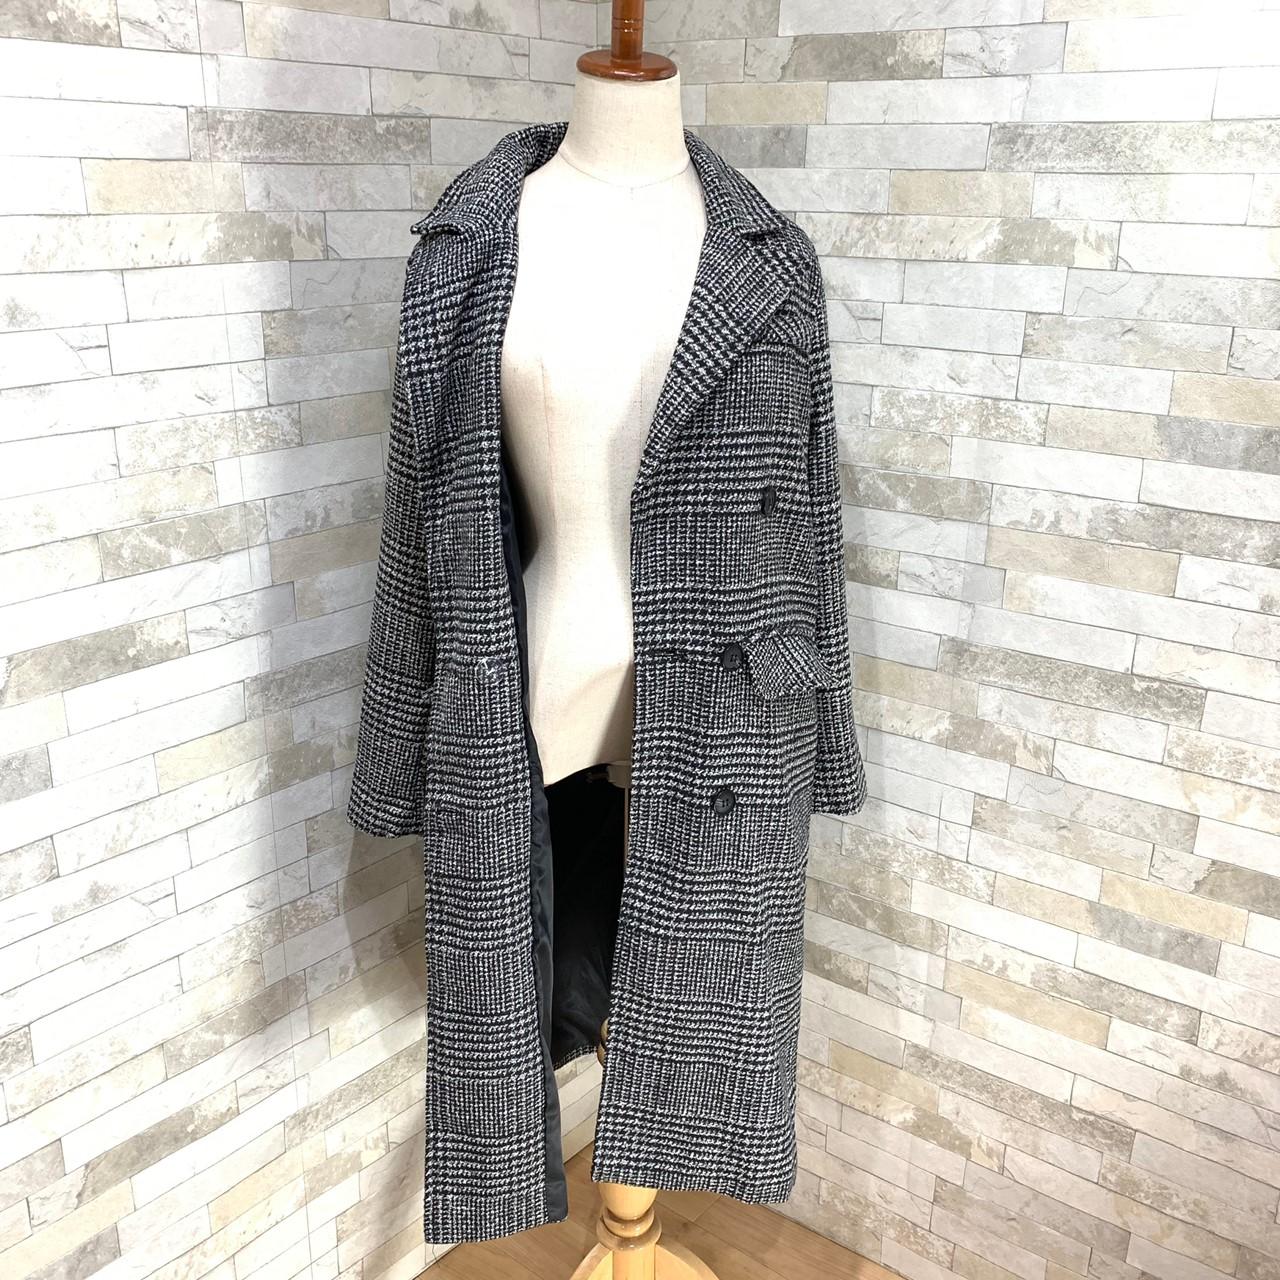 【即納】韓国 ファッション アウター コート 秋 冬 カジュアル SPTXD248  グレンチェック ダブル ロング チェスター オフィス エレガント オルチャン シンプル 定番 セレカジの写真18枚目